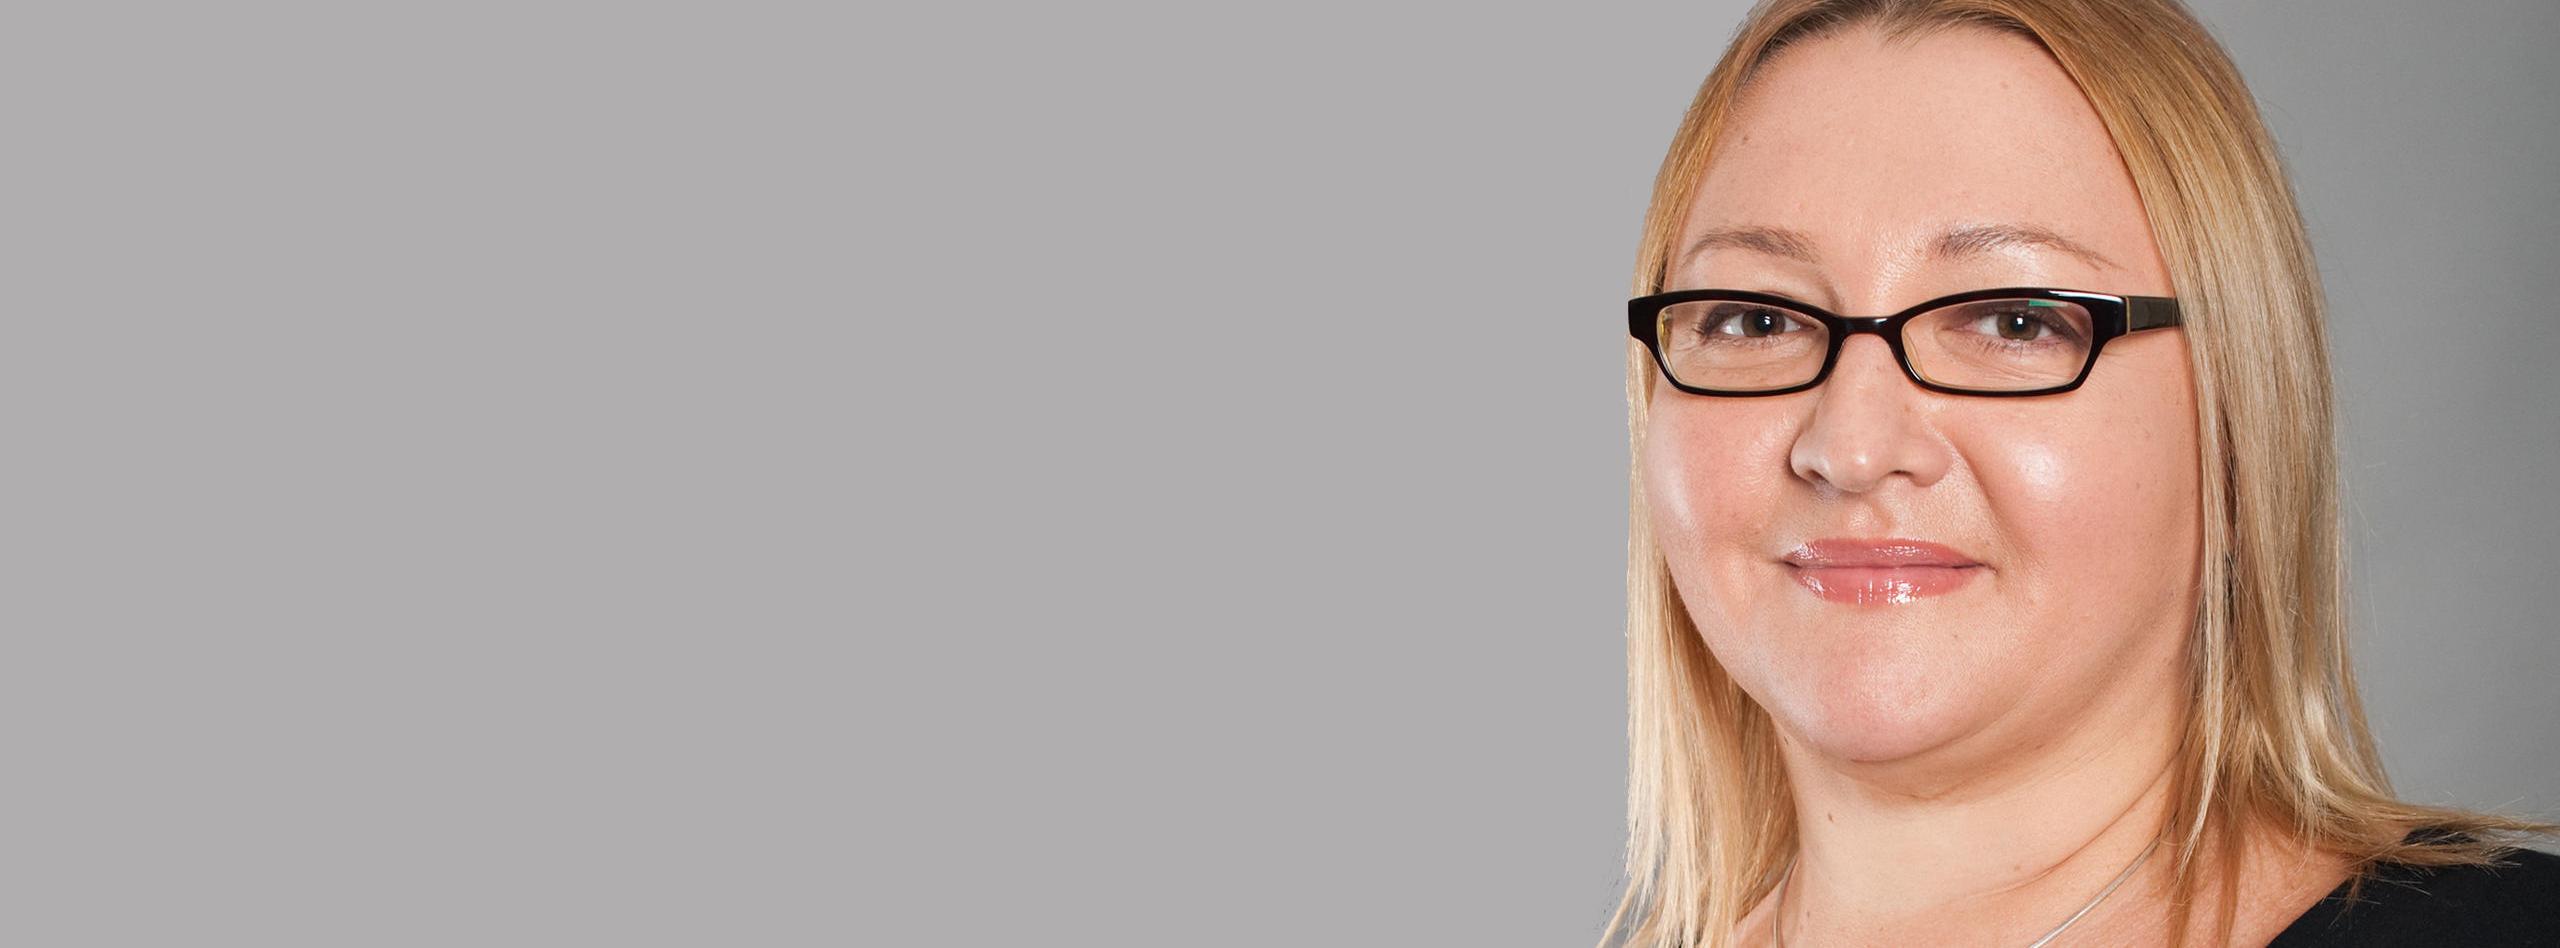 Елена Селютина о том, почему вернулась из своего бизнеса в наемный